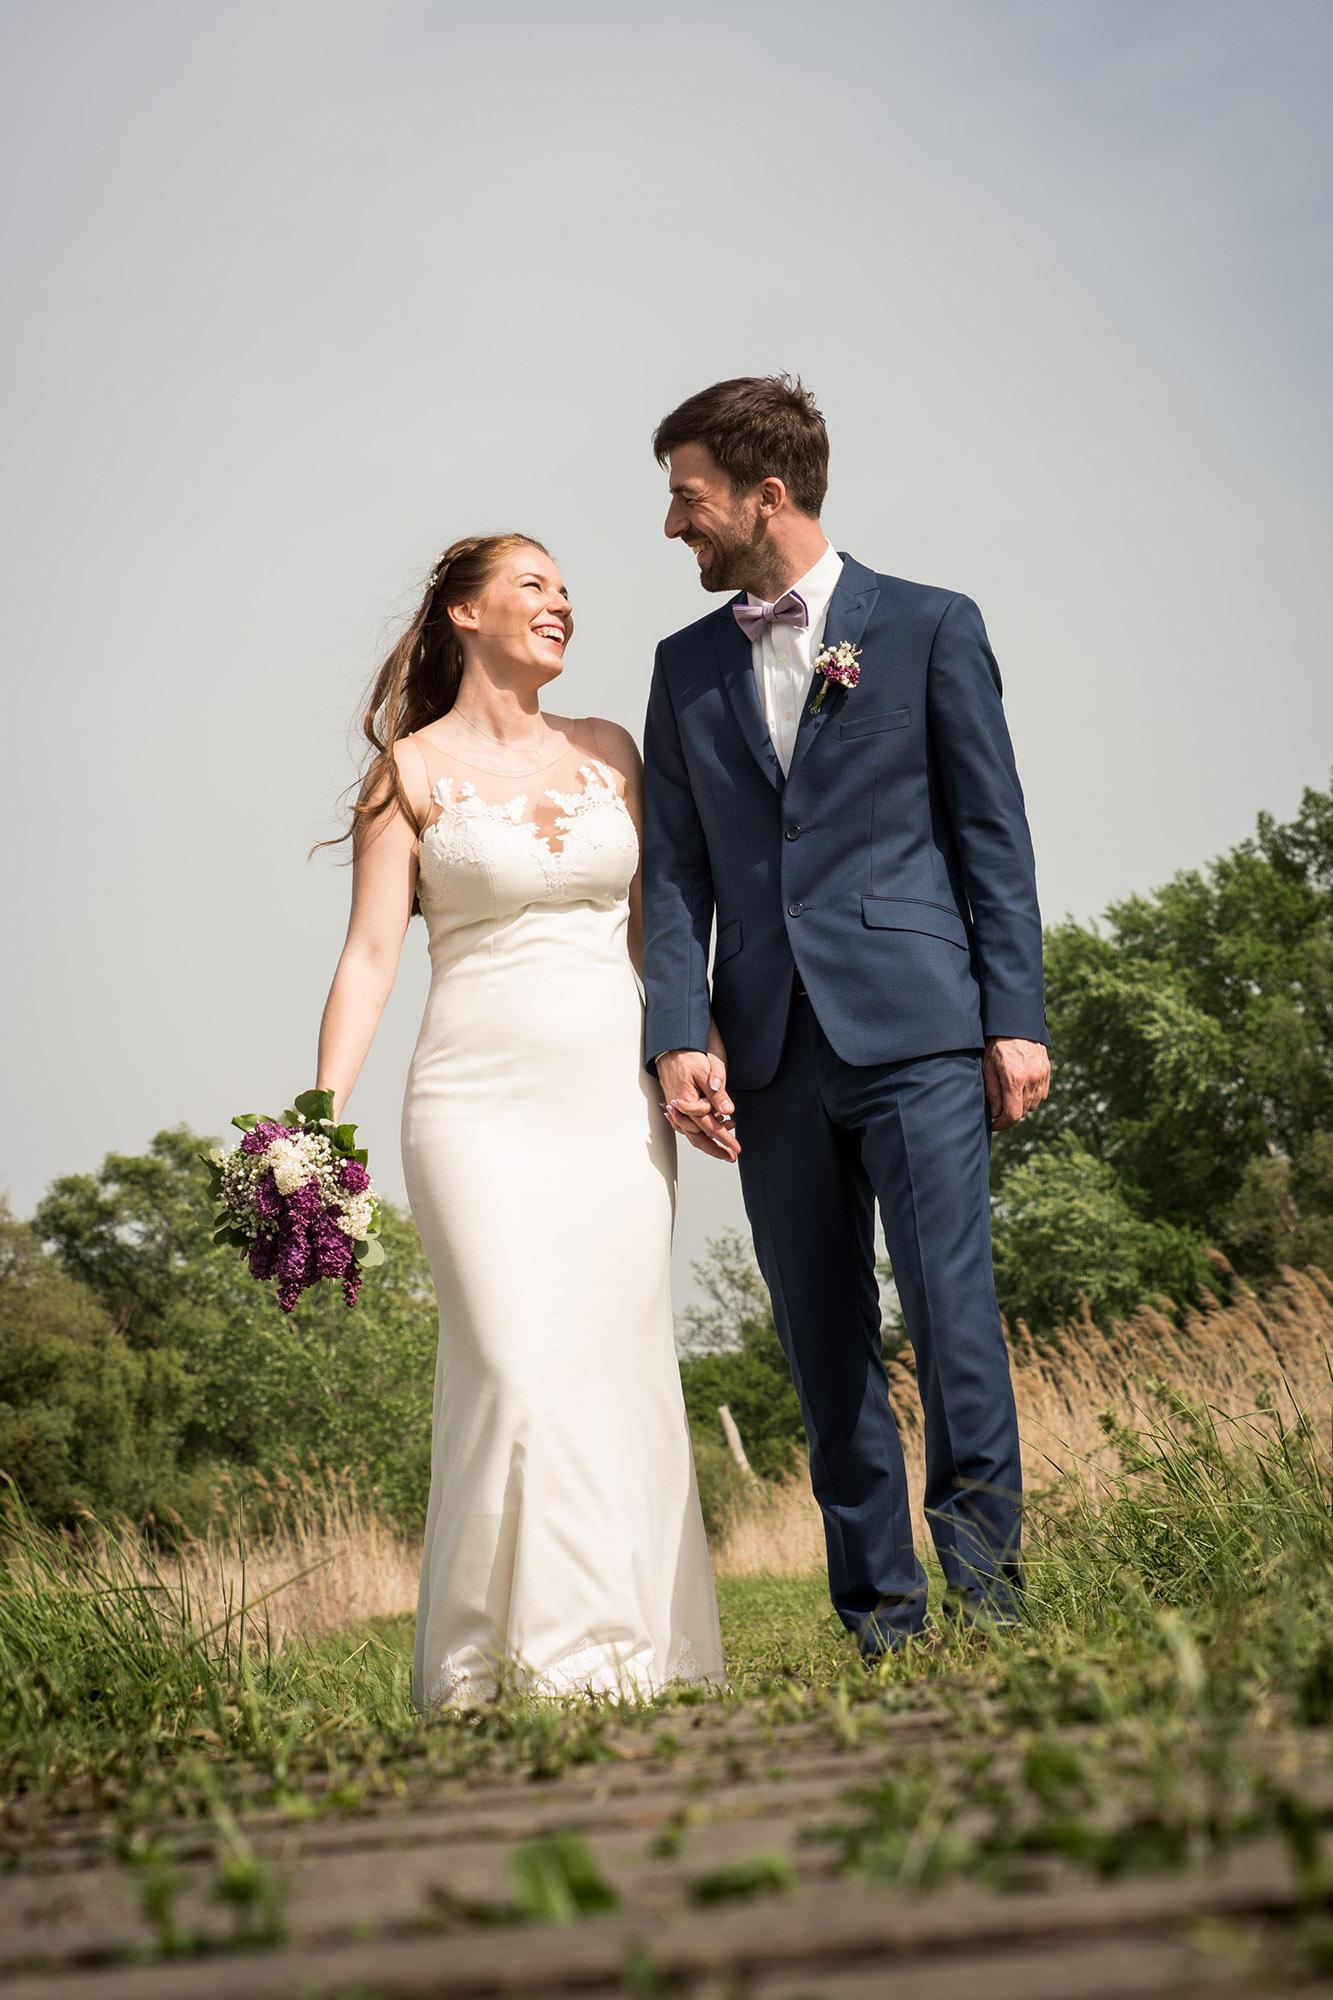 életre szóló esküvői fotók